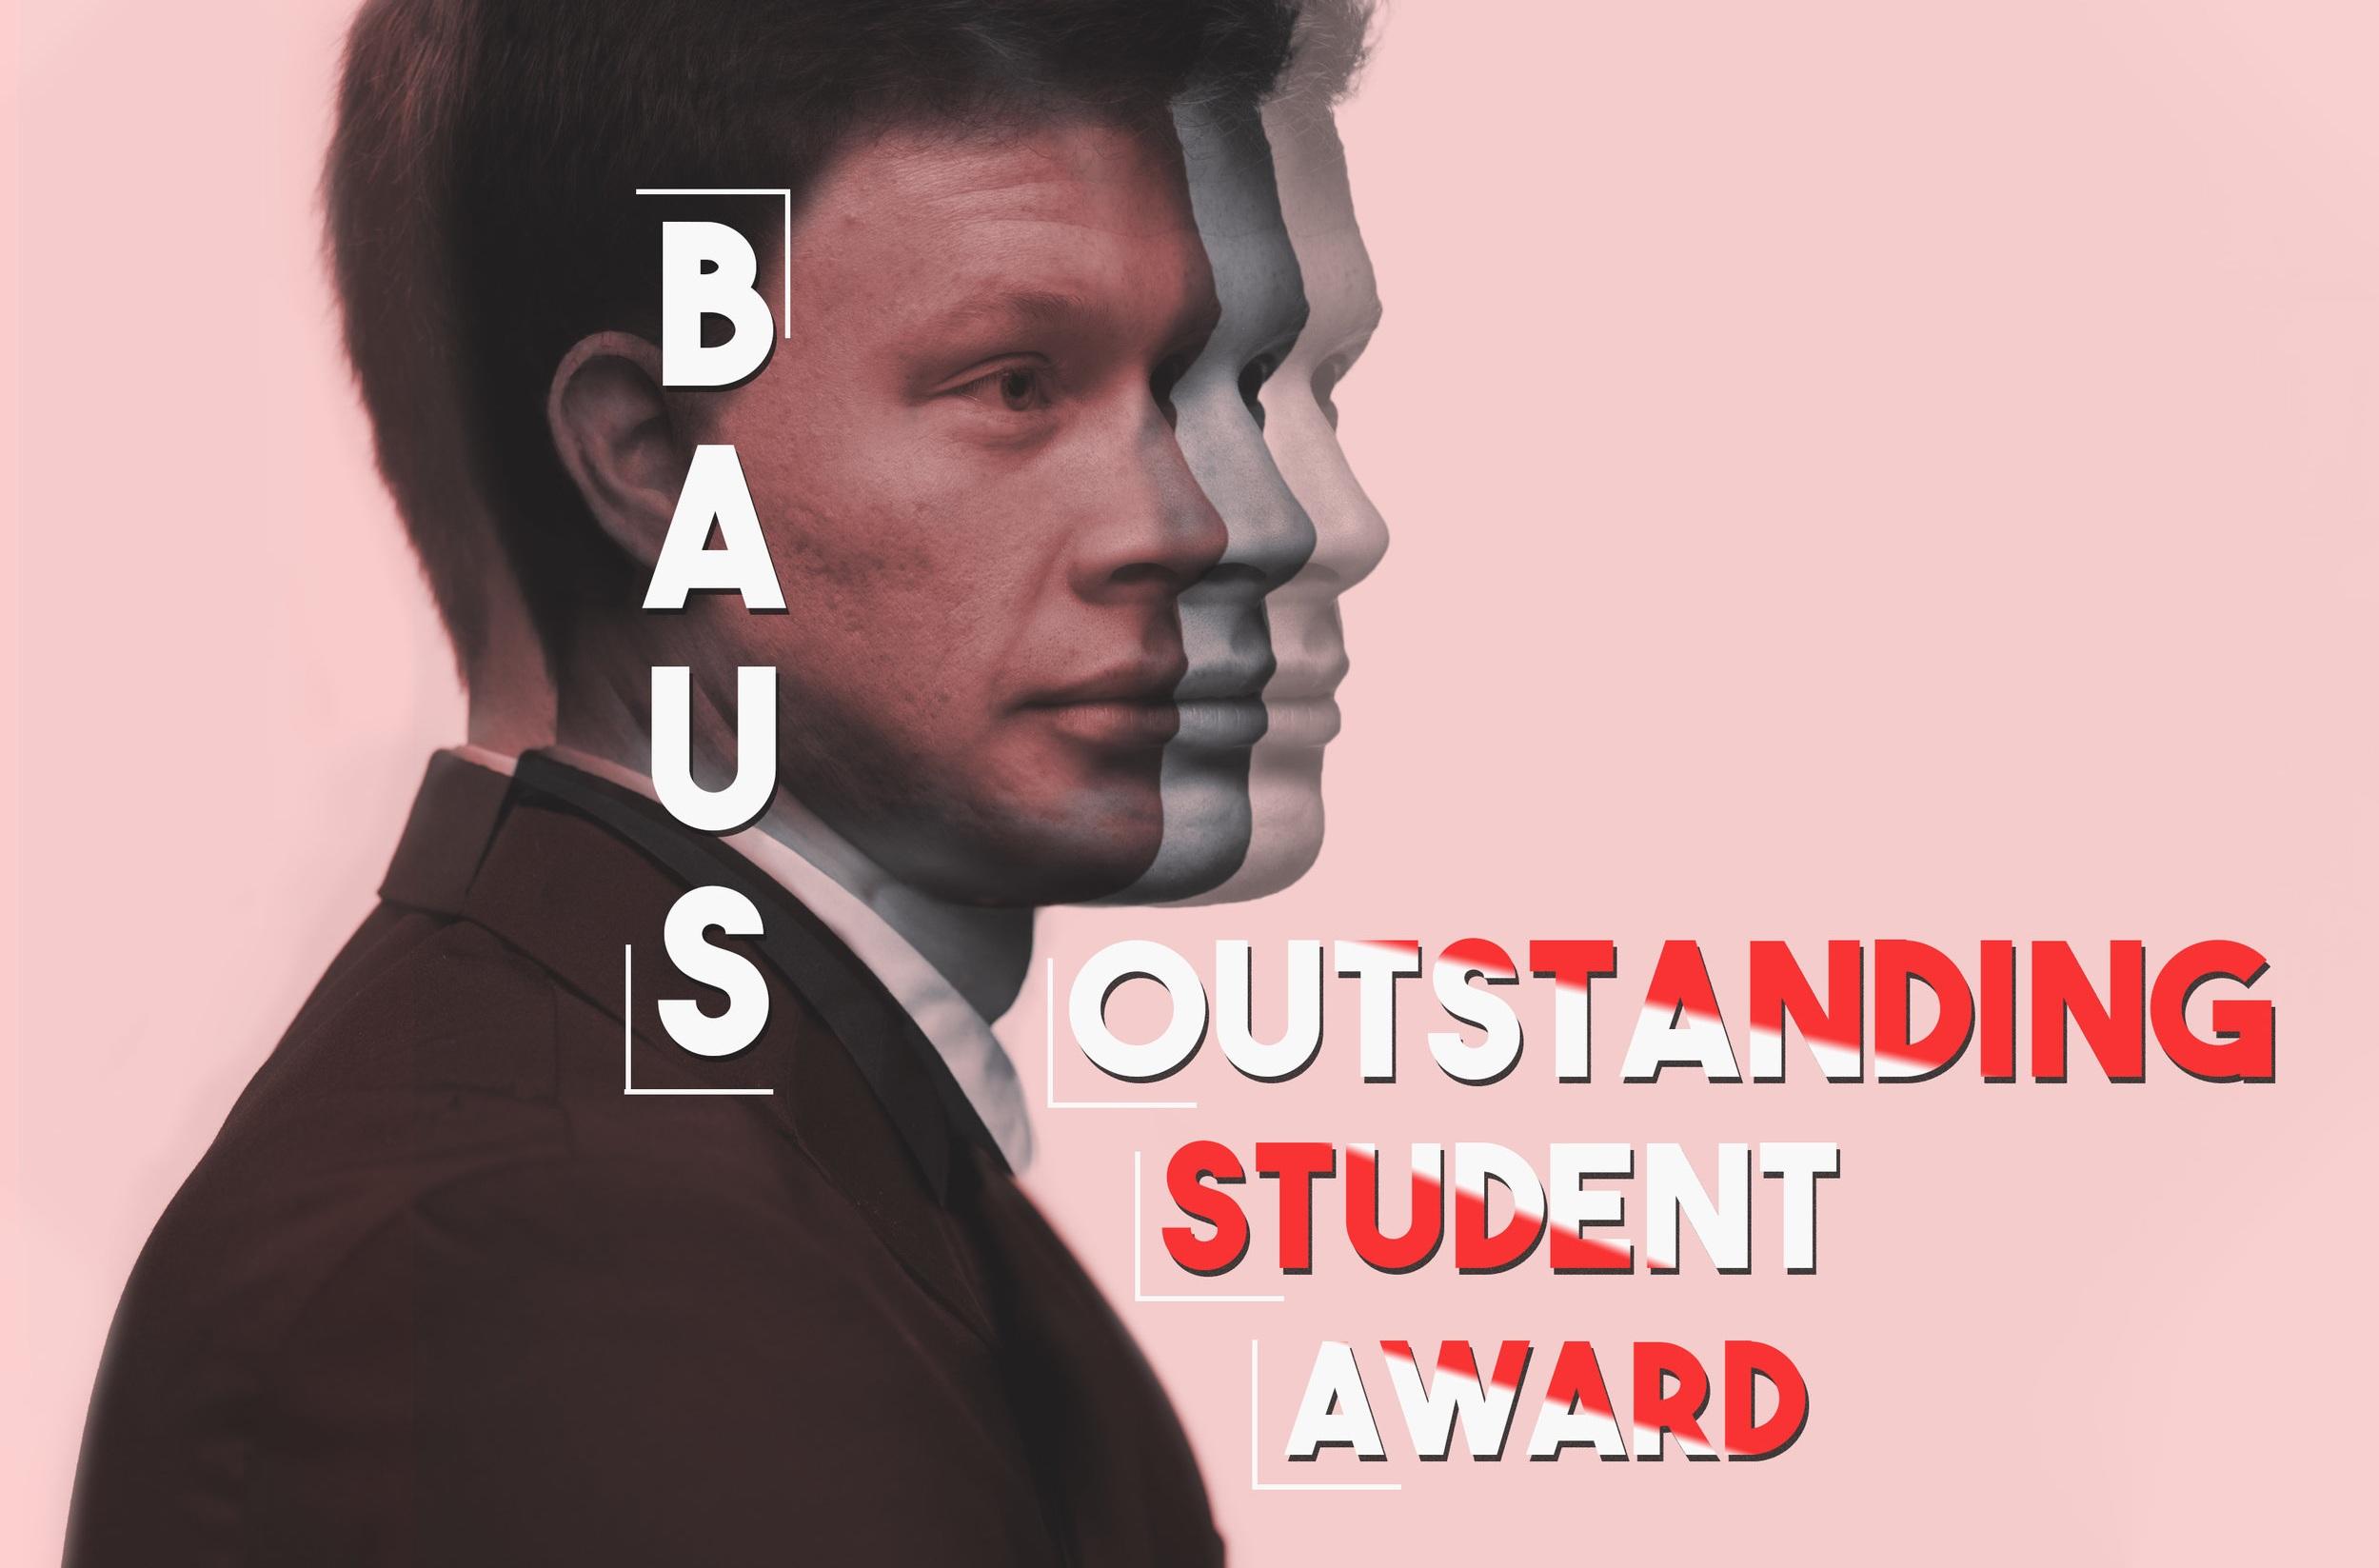 BAUS-Award-Web.jpg